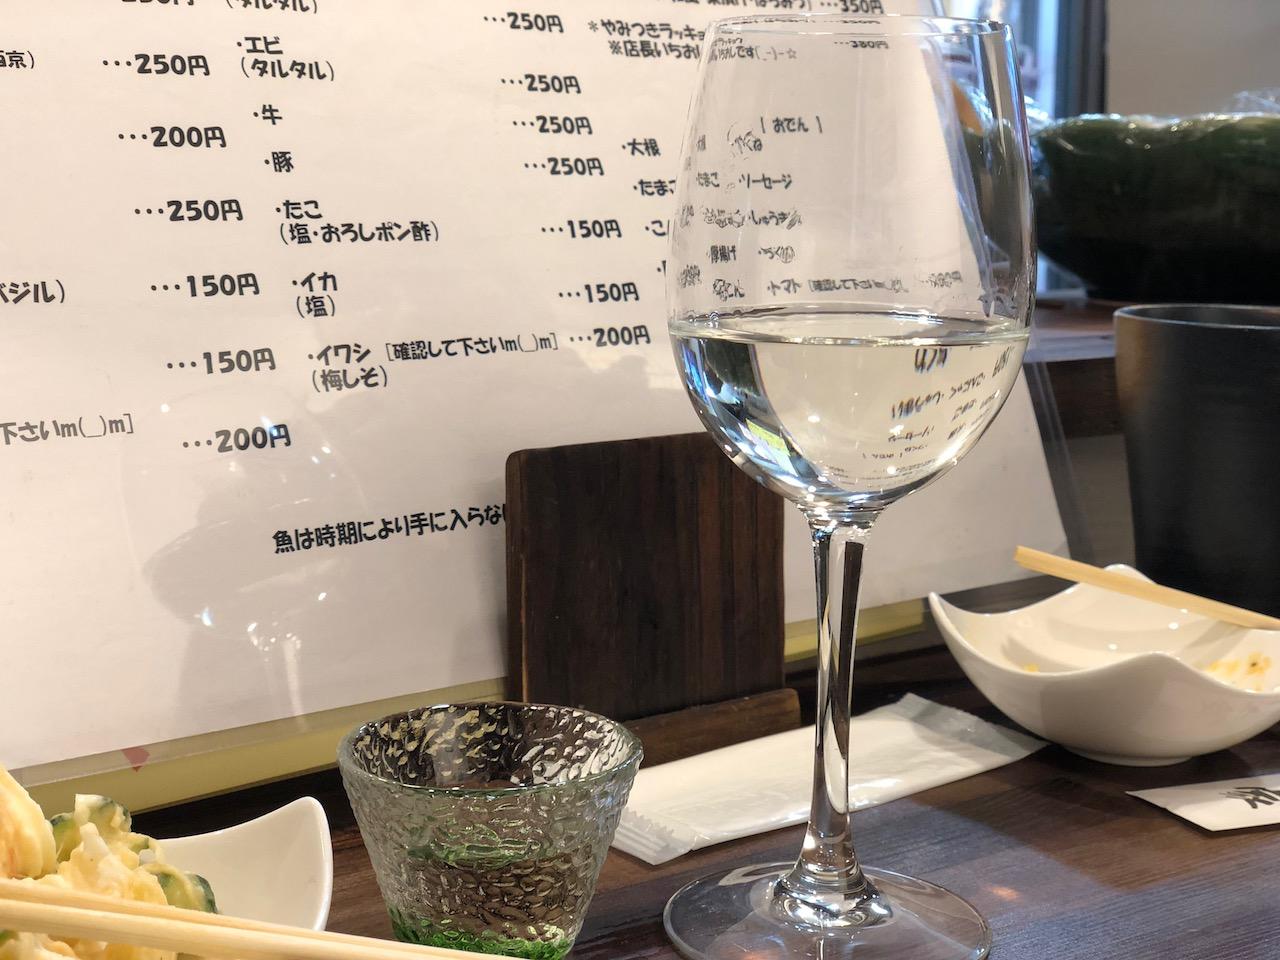 今日も日本酒がウマイ!少しずつ暖かくなってきました!日本酒バルわが家で熱々の味噌汁を飲もう